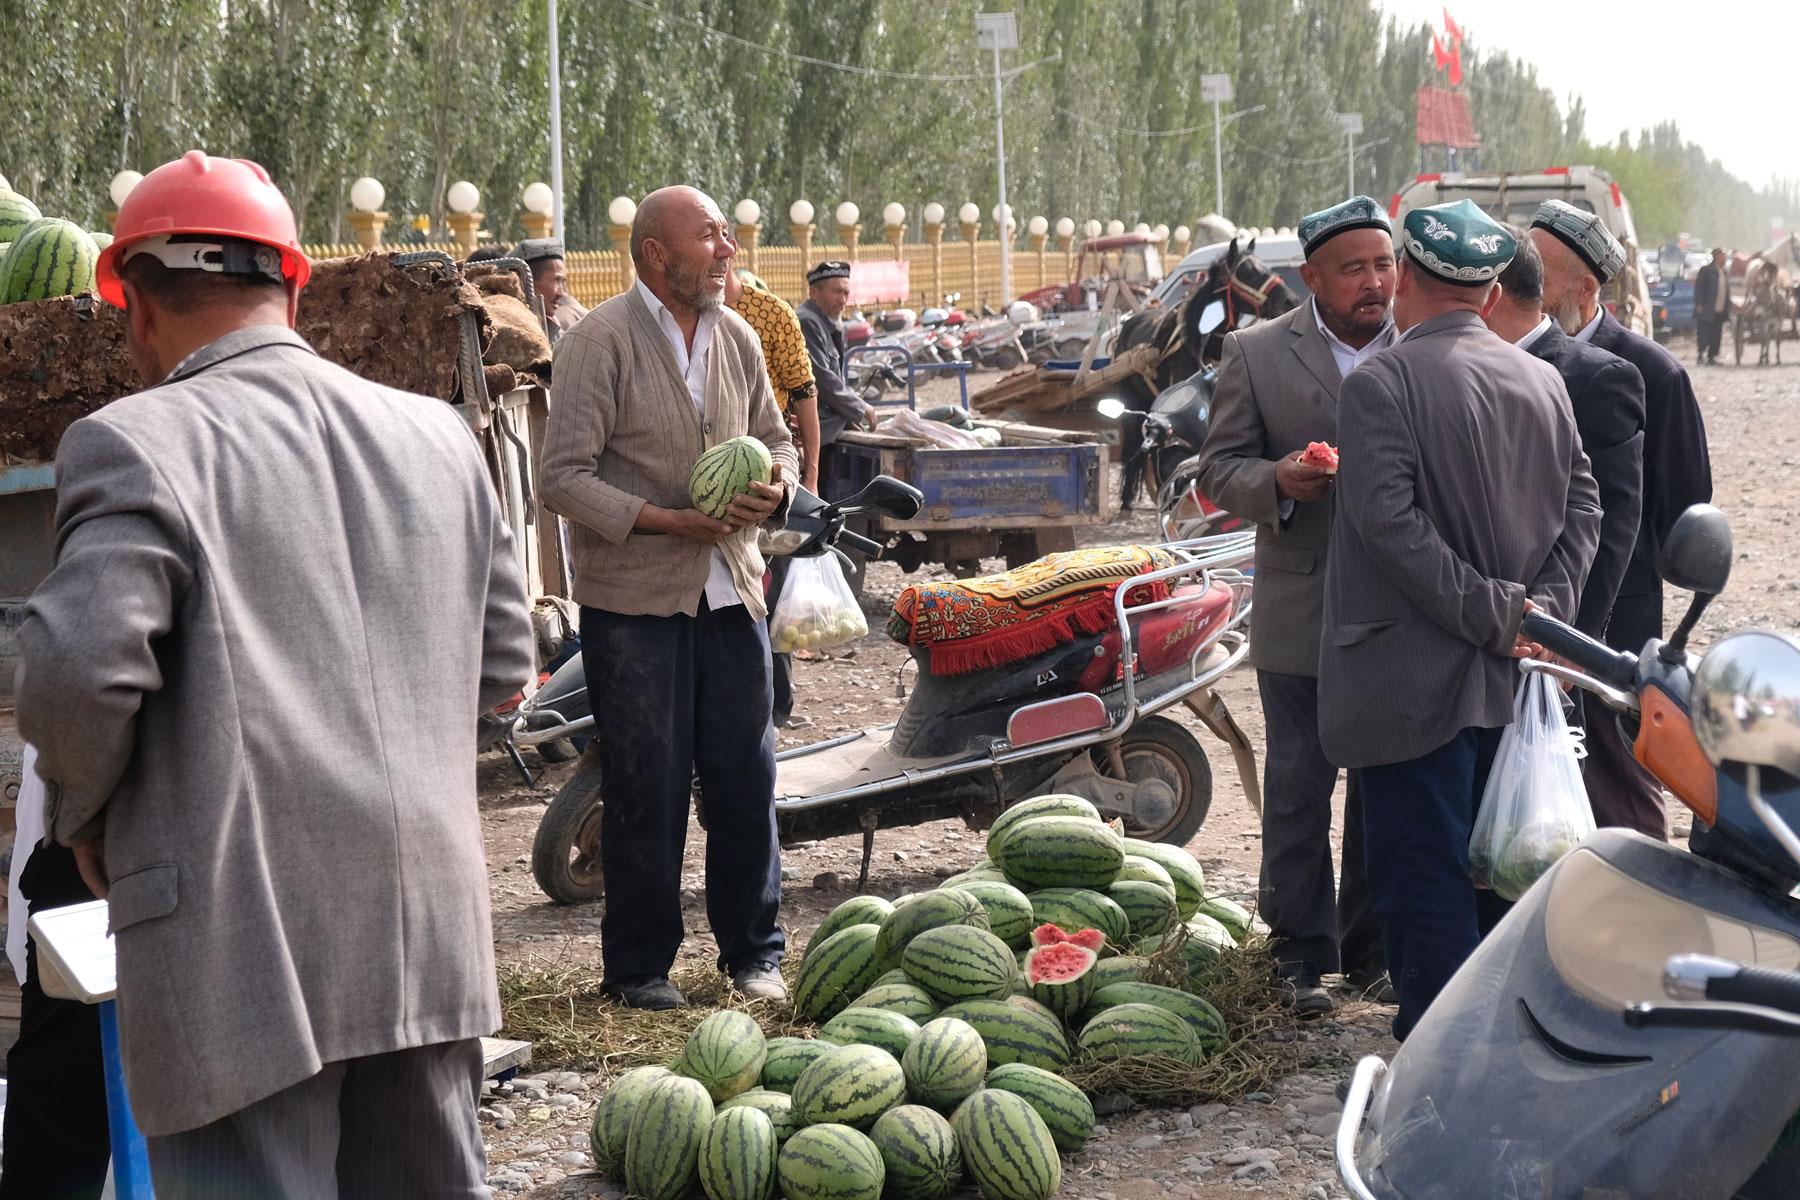 Am Rande des Marktes werden Melonen verkauft